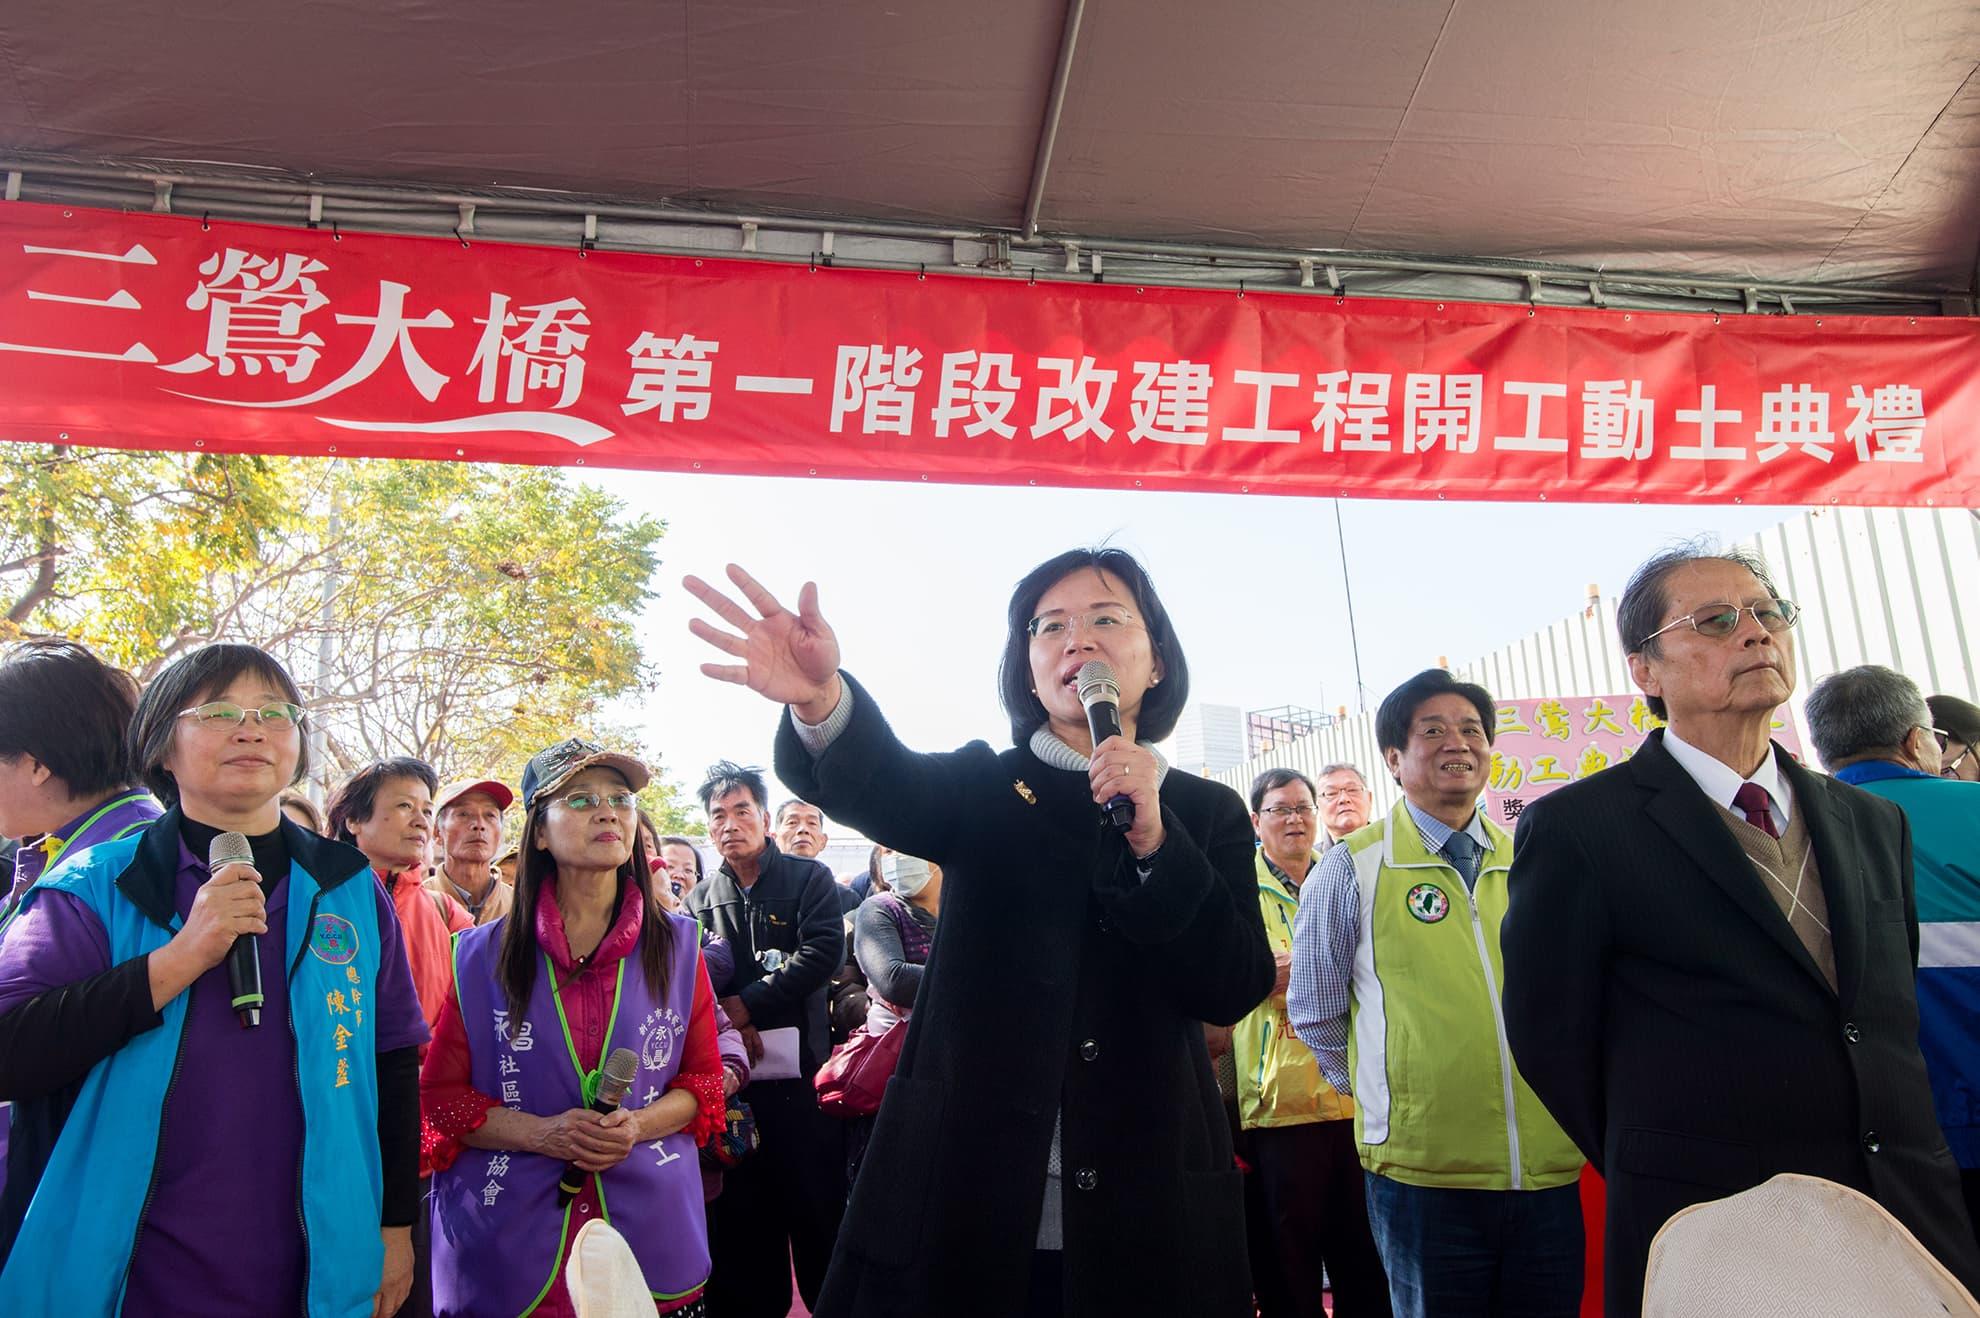 20171226 三鶯大橋第一階段改建動土典禮 (35) 2